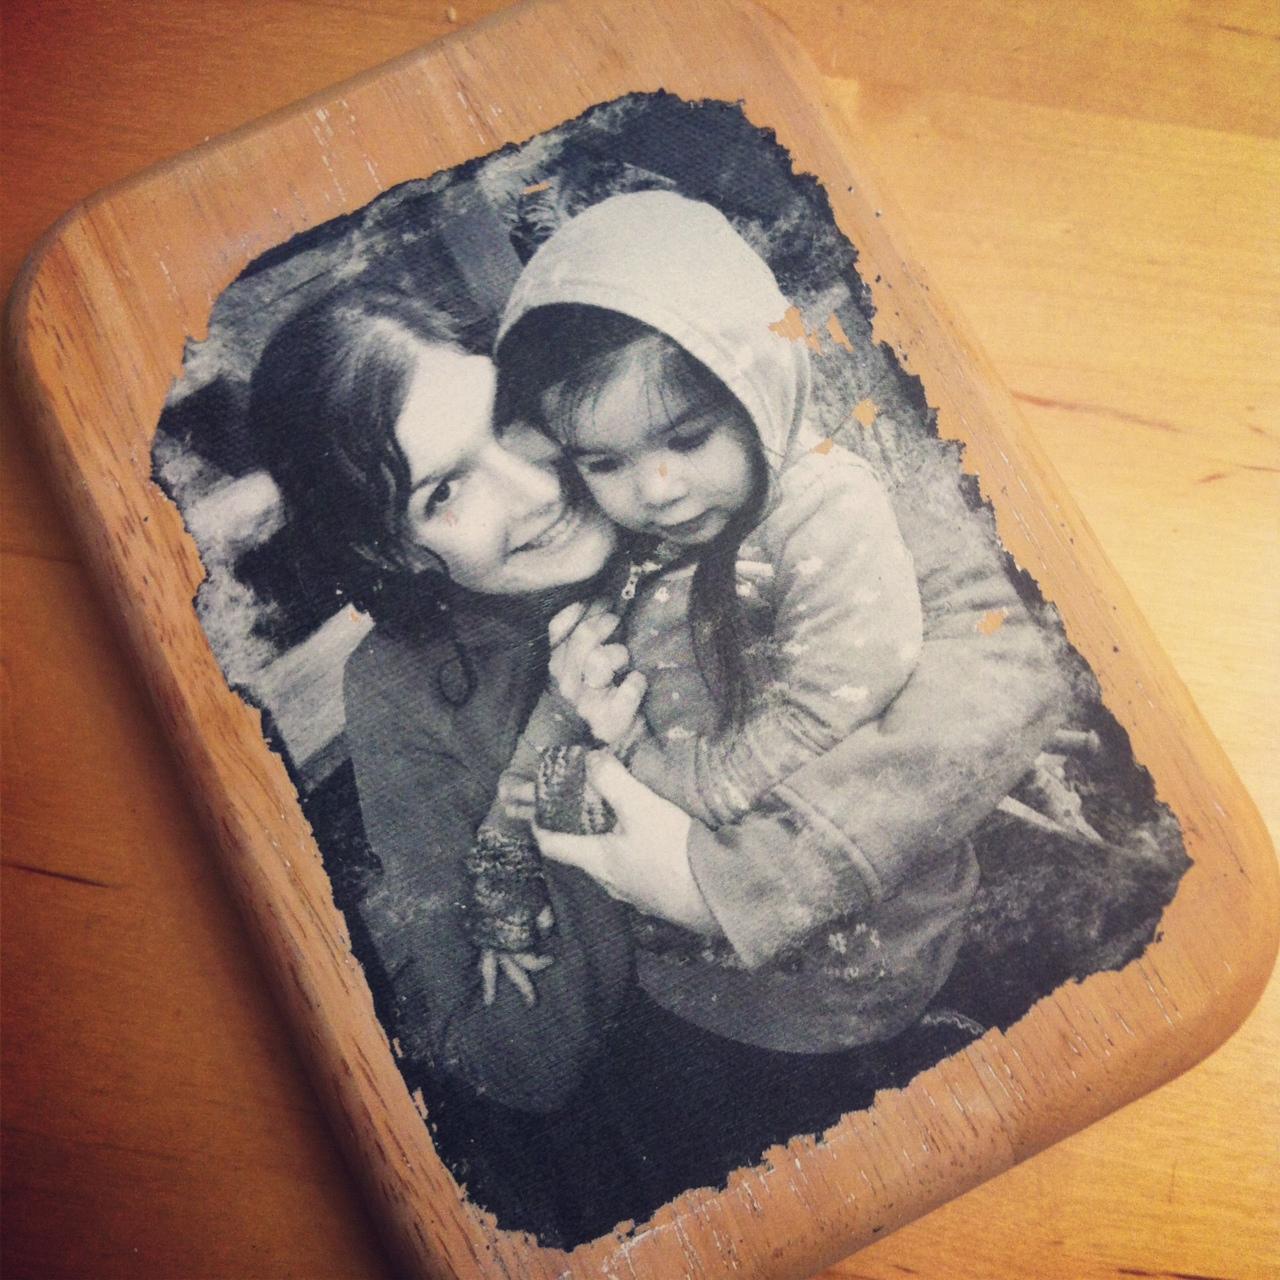 Fotografie vytištěná na kousek dřeva.